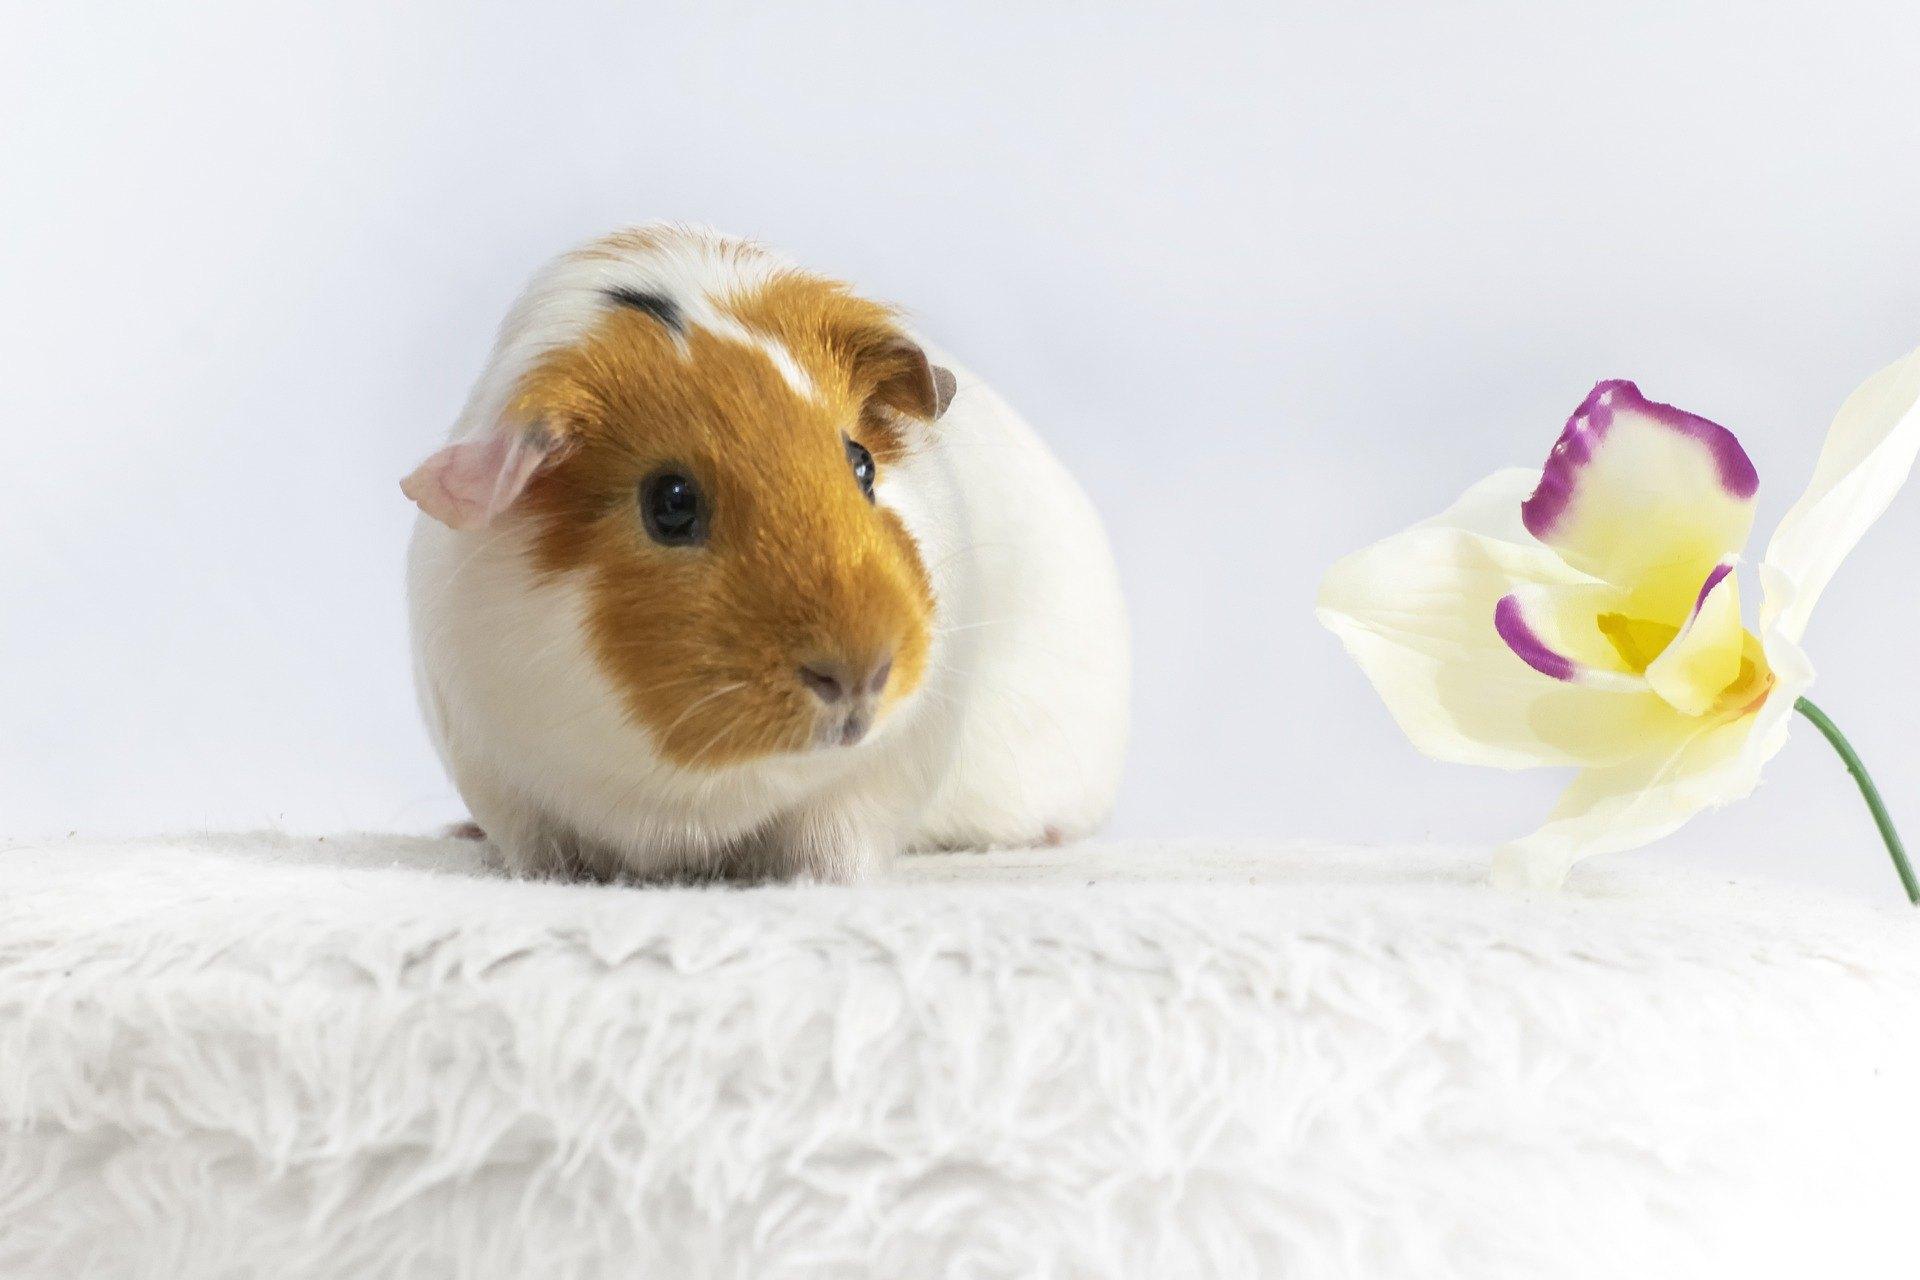 Das Meerschweinchen frisst hauptsächlich Trockenfutter sowie frische Pflanzen und Gemüse. Es ist wichtig daran zu denken, sie mit frischem Wasser zu versorgen.